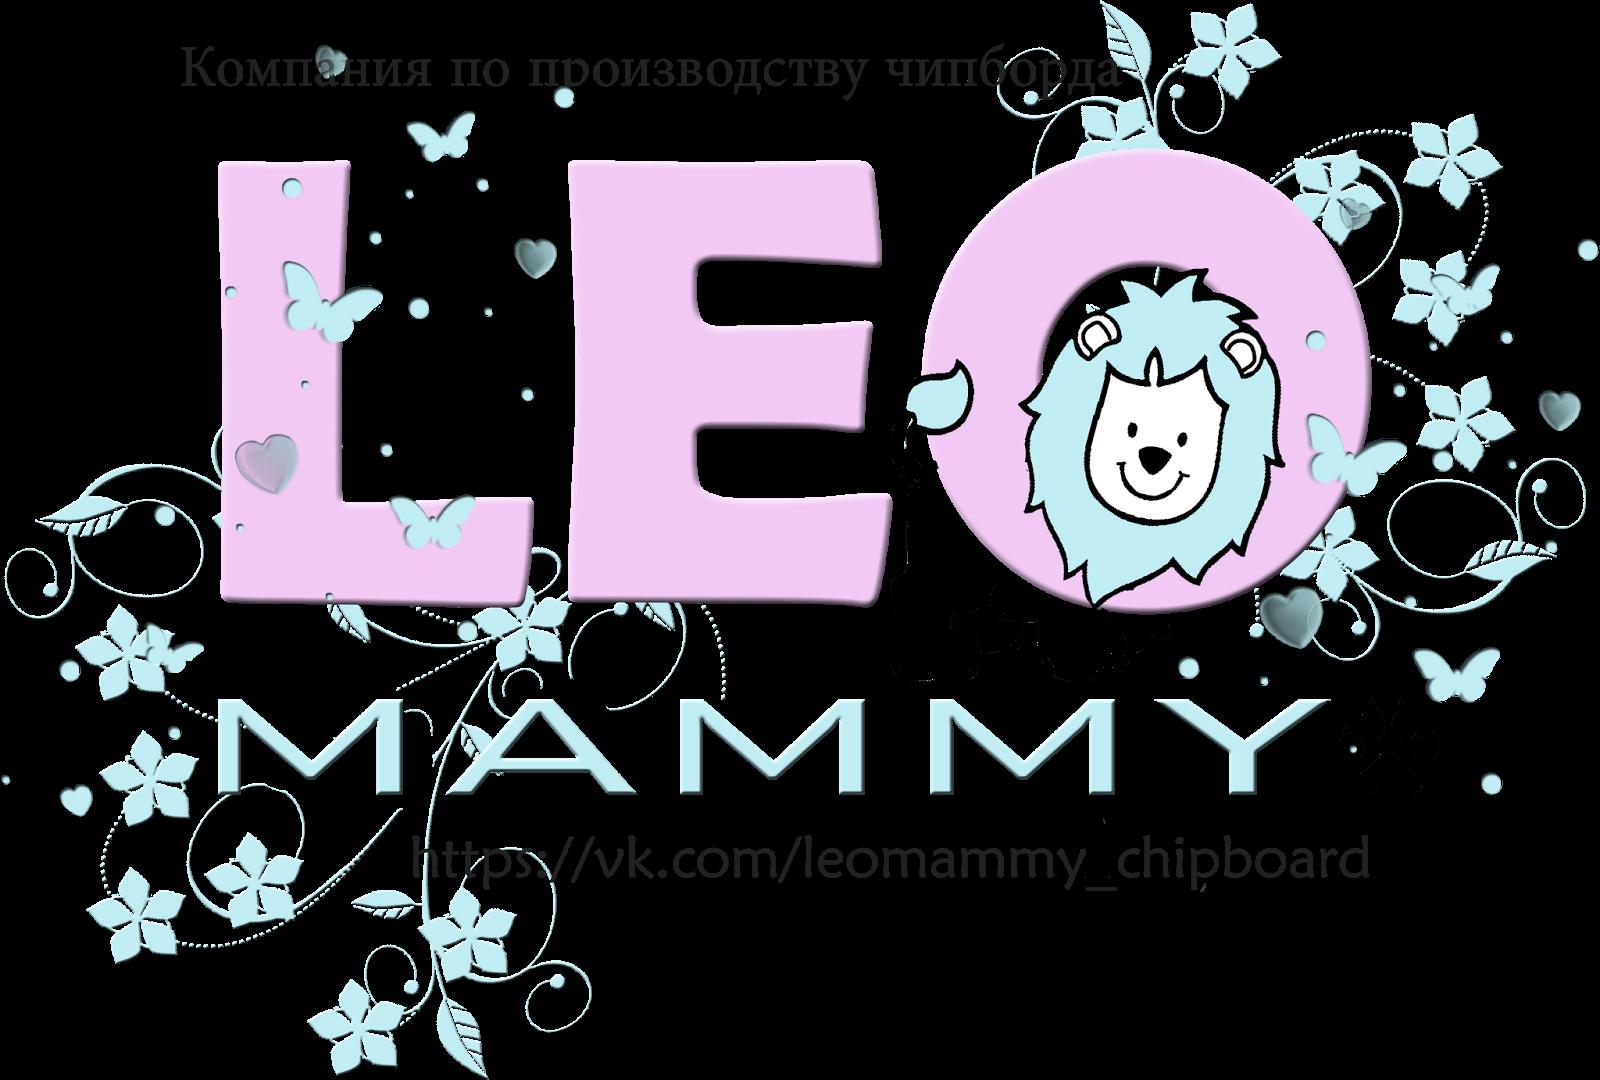 Чипборд от Leomammy